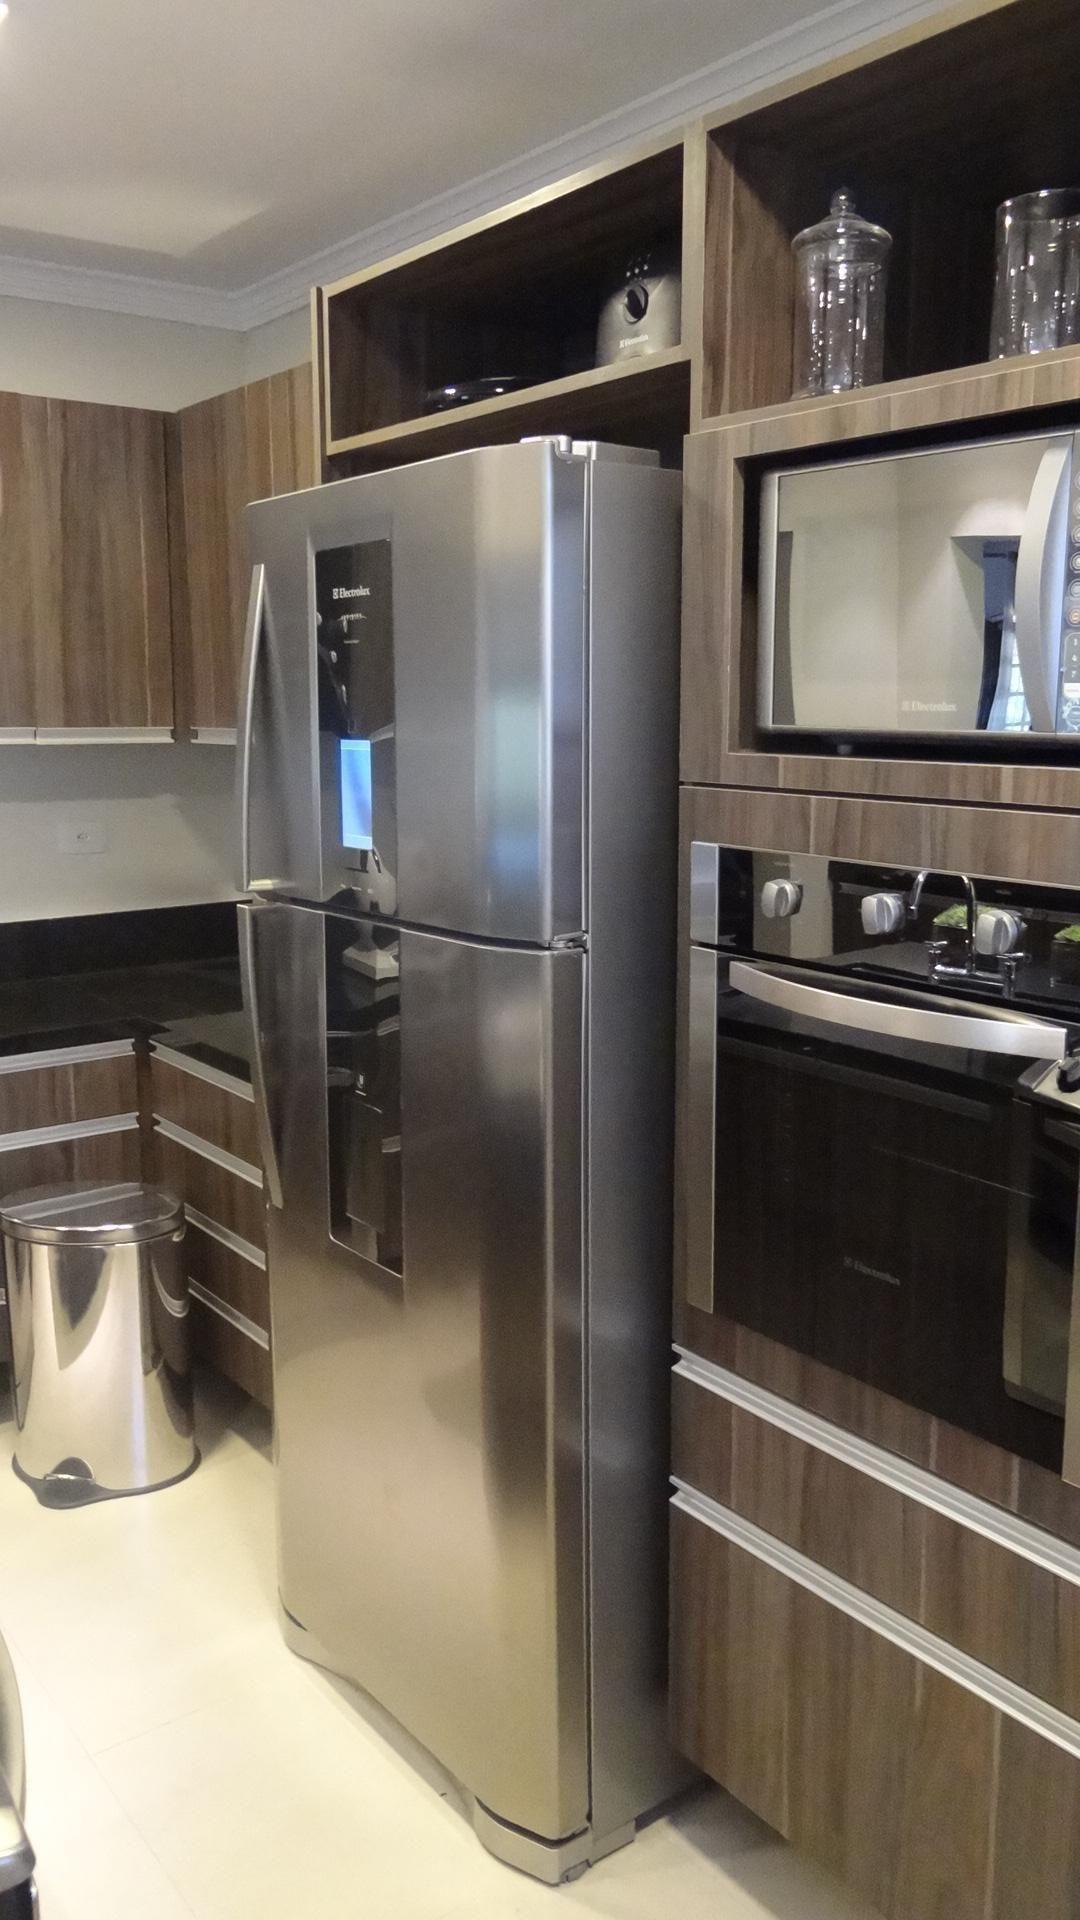 Wibamp Com Cozinha Planejada Eletrodomesticos Inox Id Ias Do  ~ Cozinha Planejada Preta E Inox